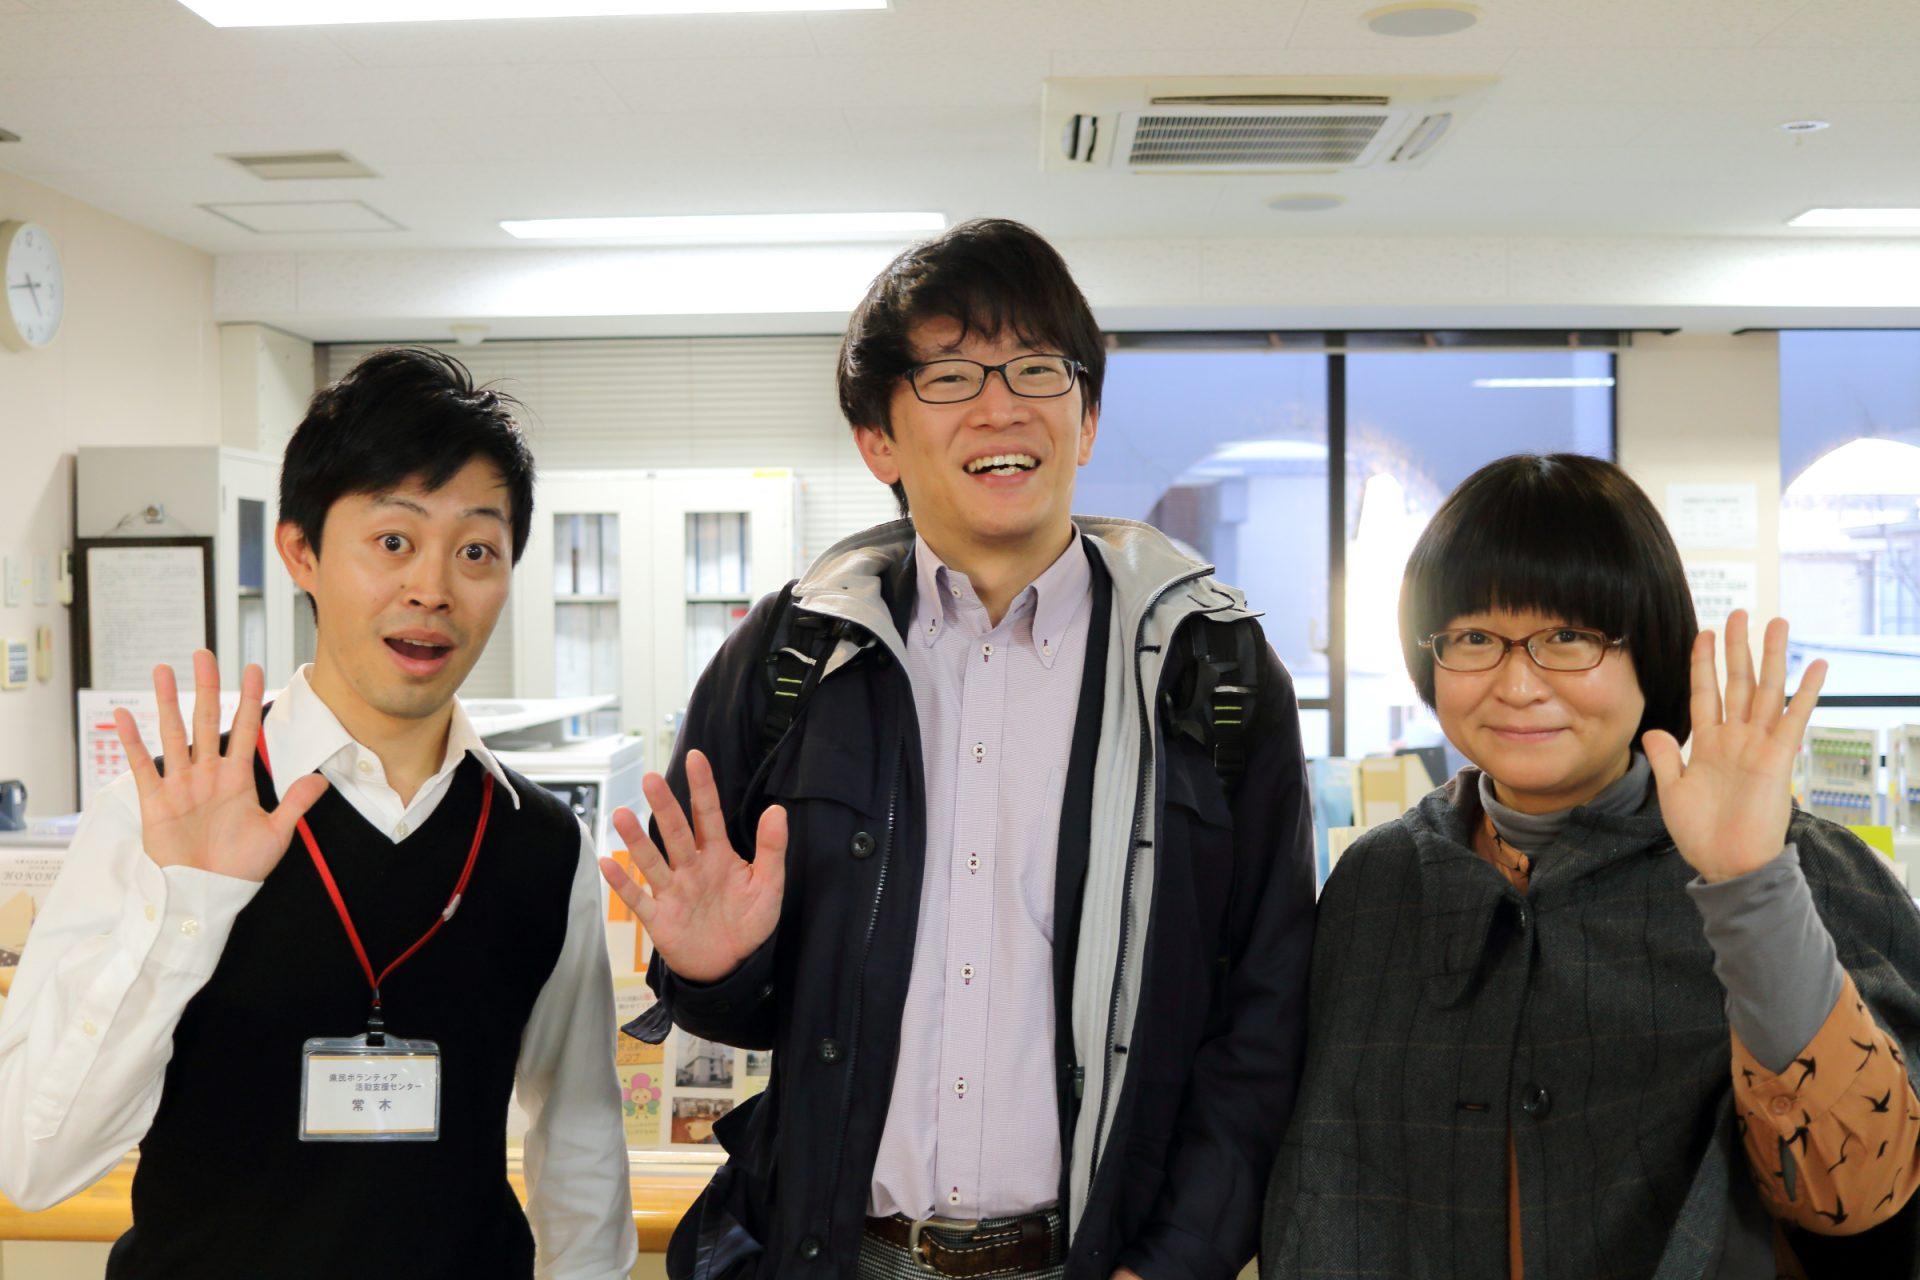 左から常木さん、私、岡野さん